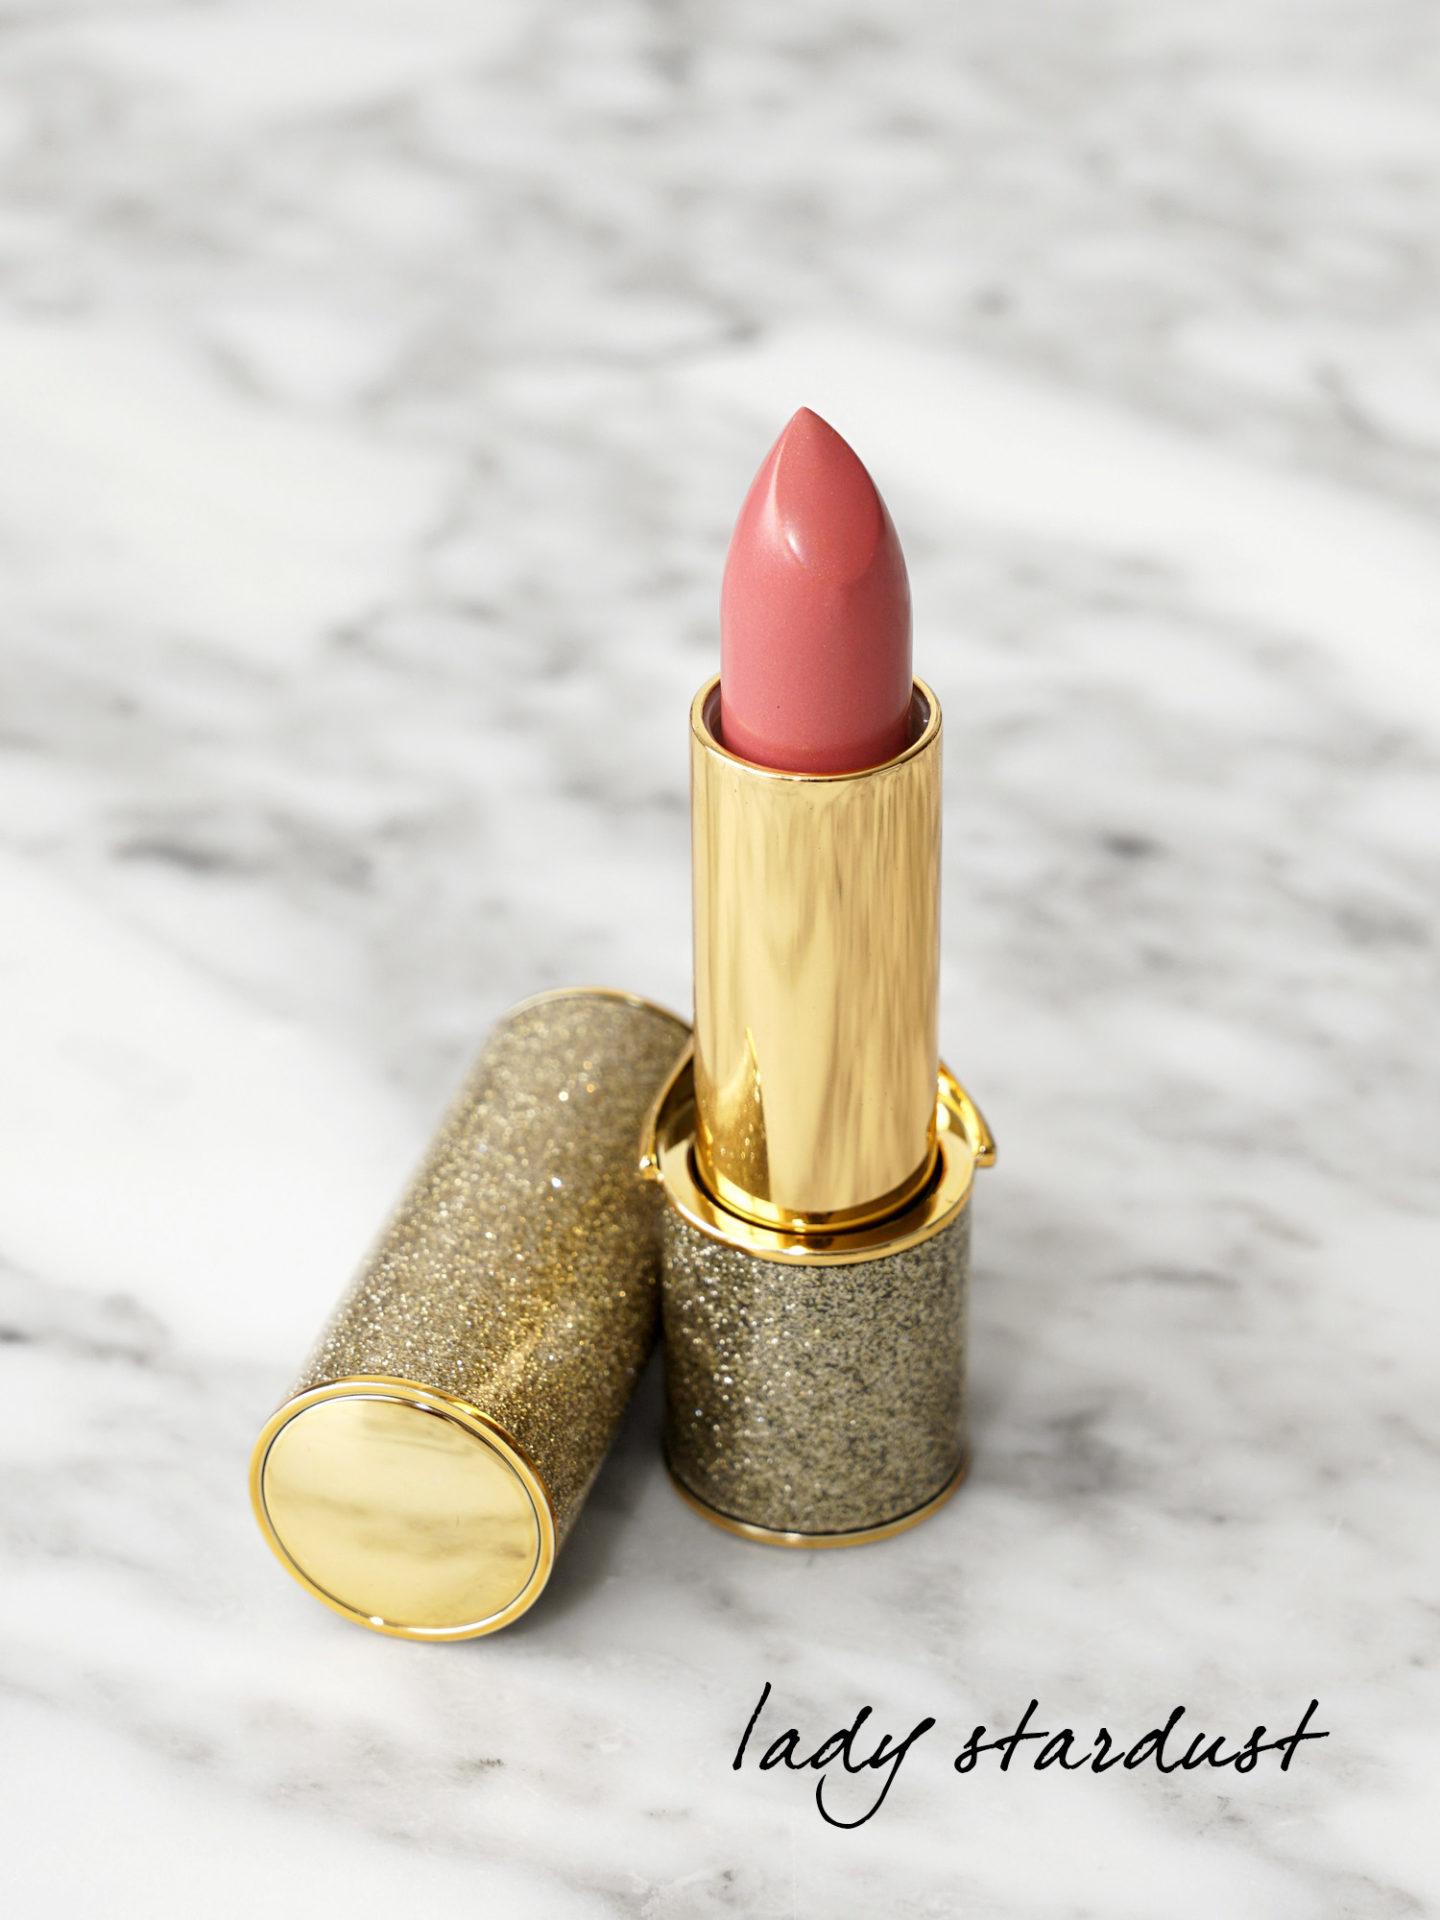 Rouge à lèvres Pat McGrath BlitzTrance Lady Stardust   Le look book beauté